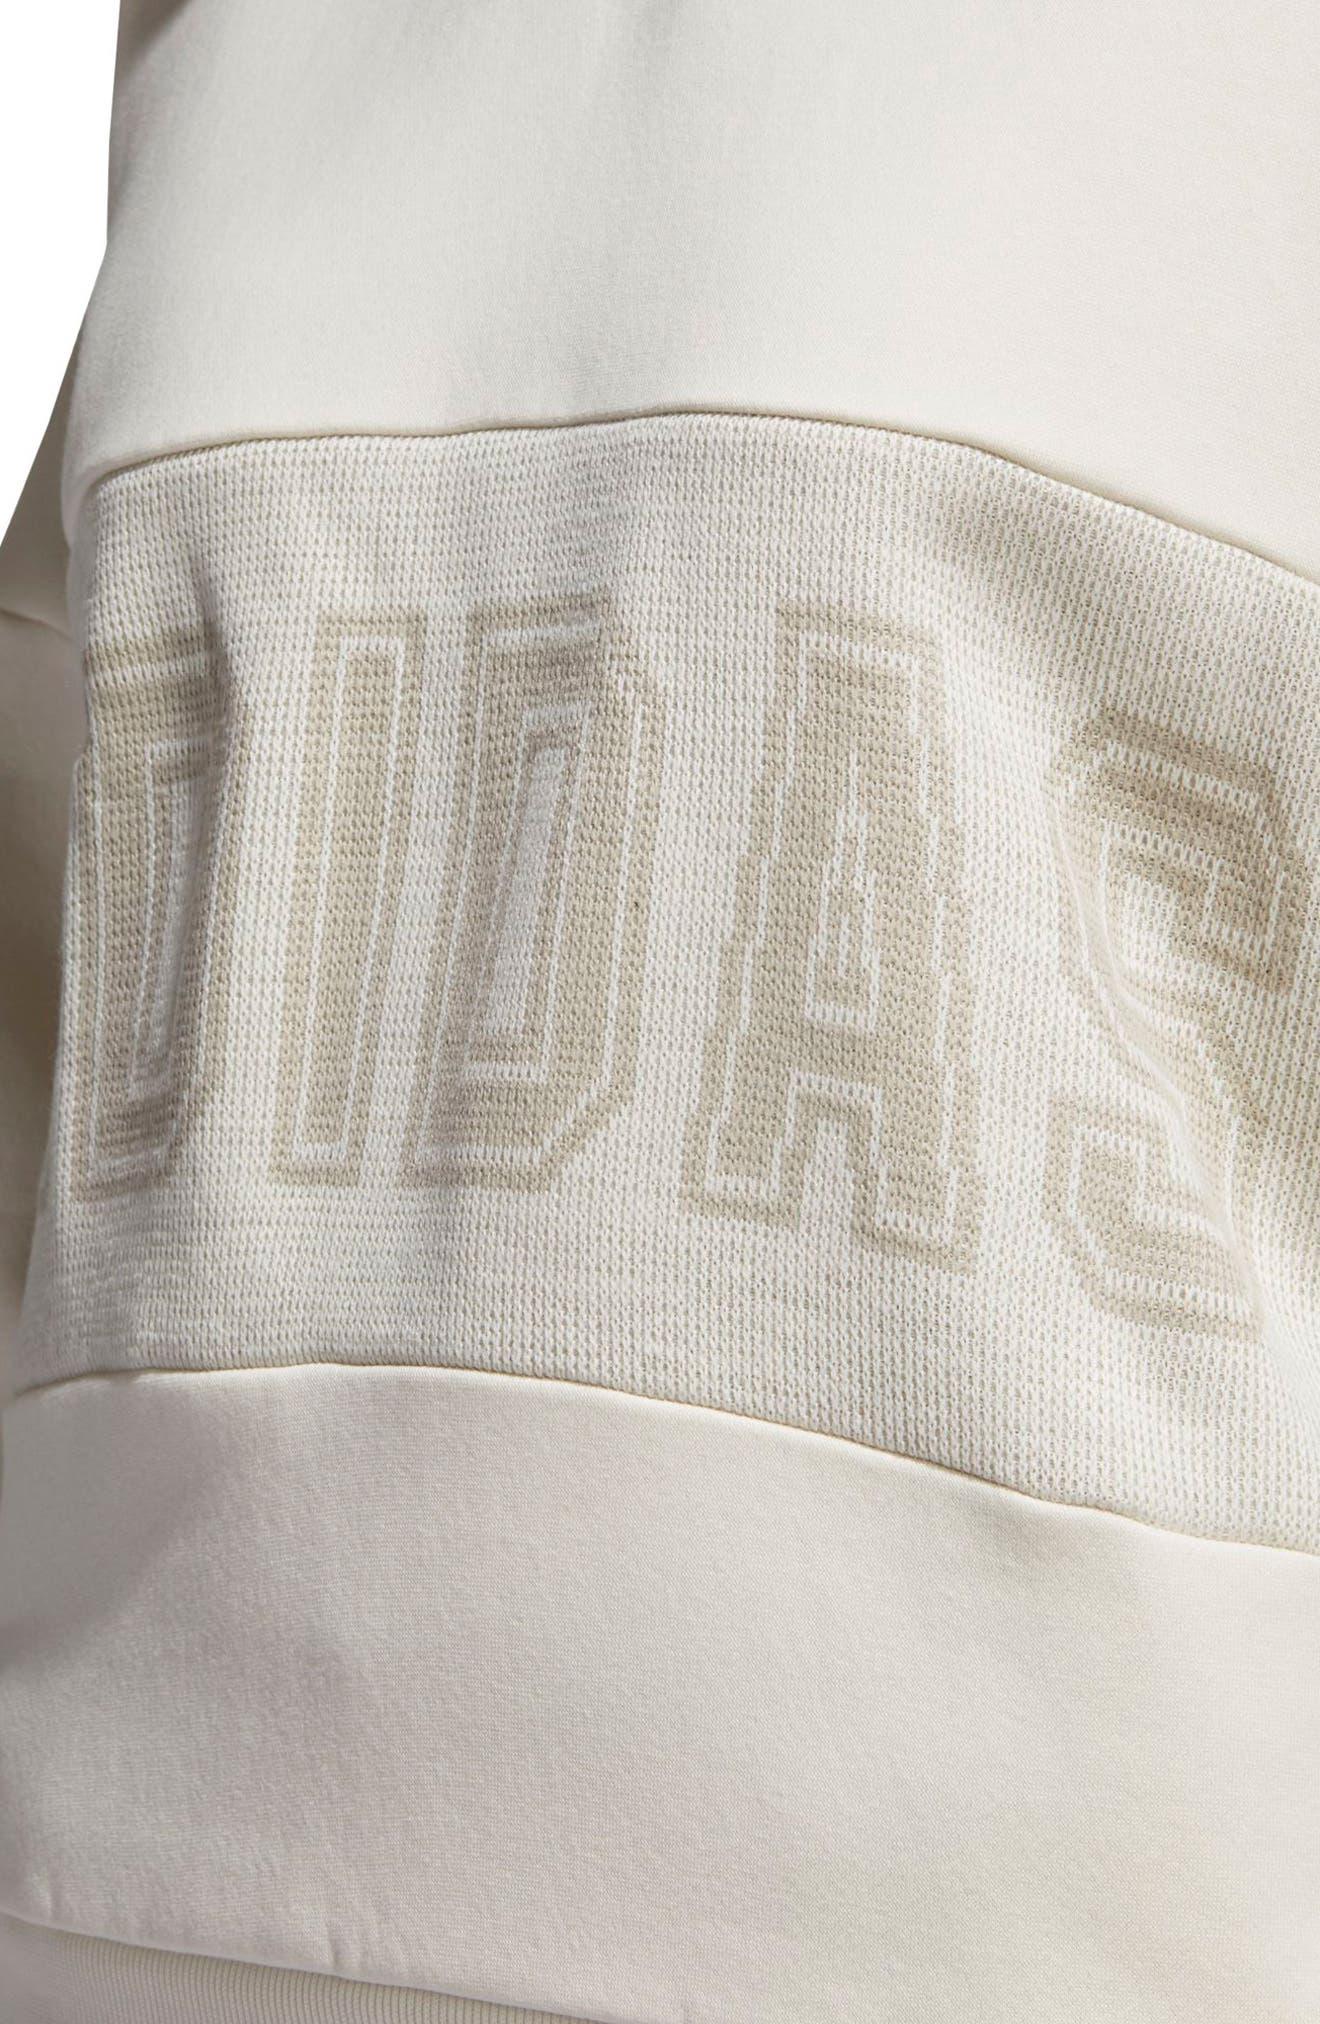 Originals Adibreak Sweatshirt,                             Alternate thumbnail 5, color,                             Chalk White/ Chalk White